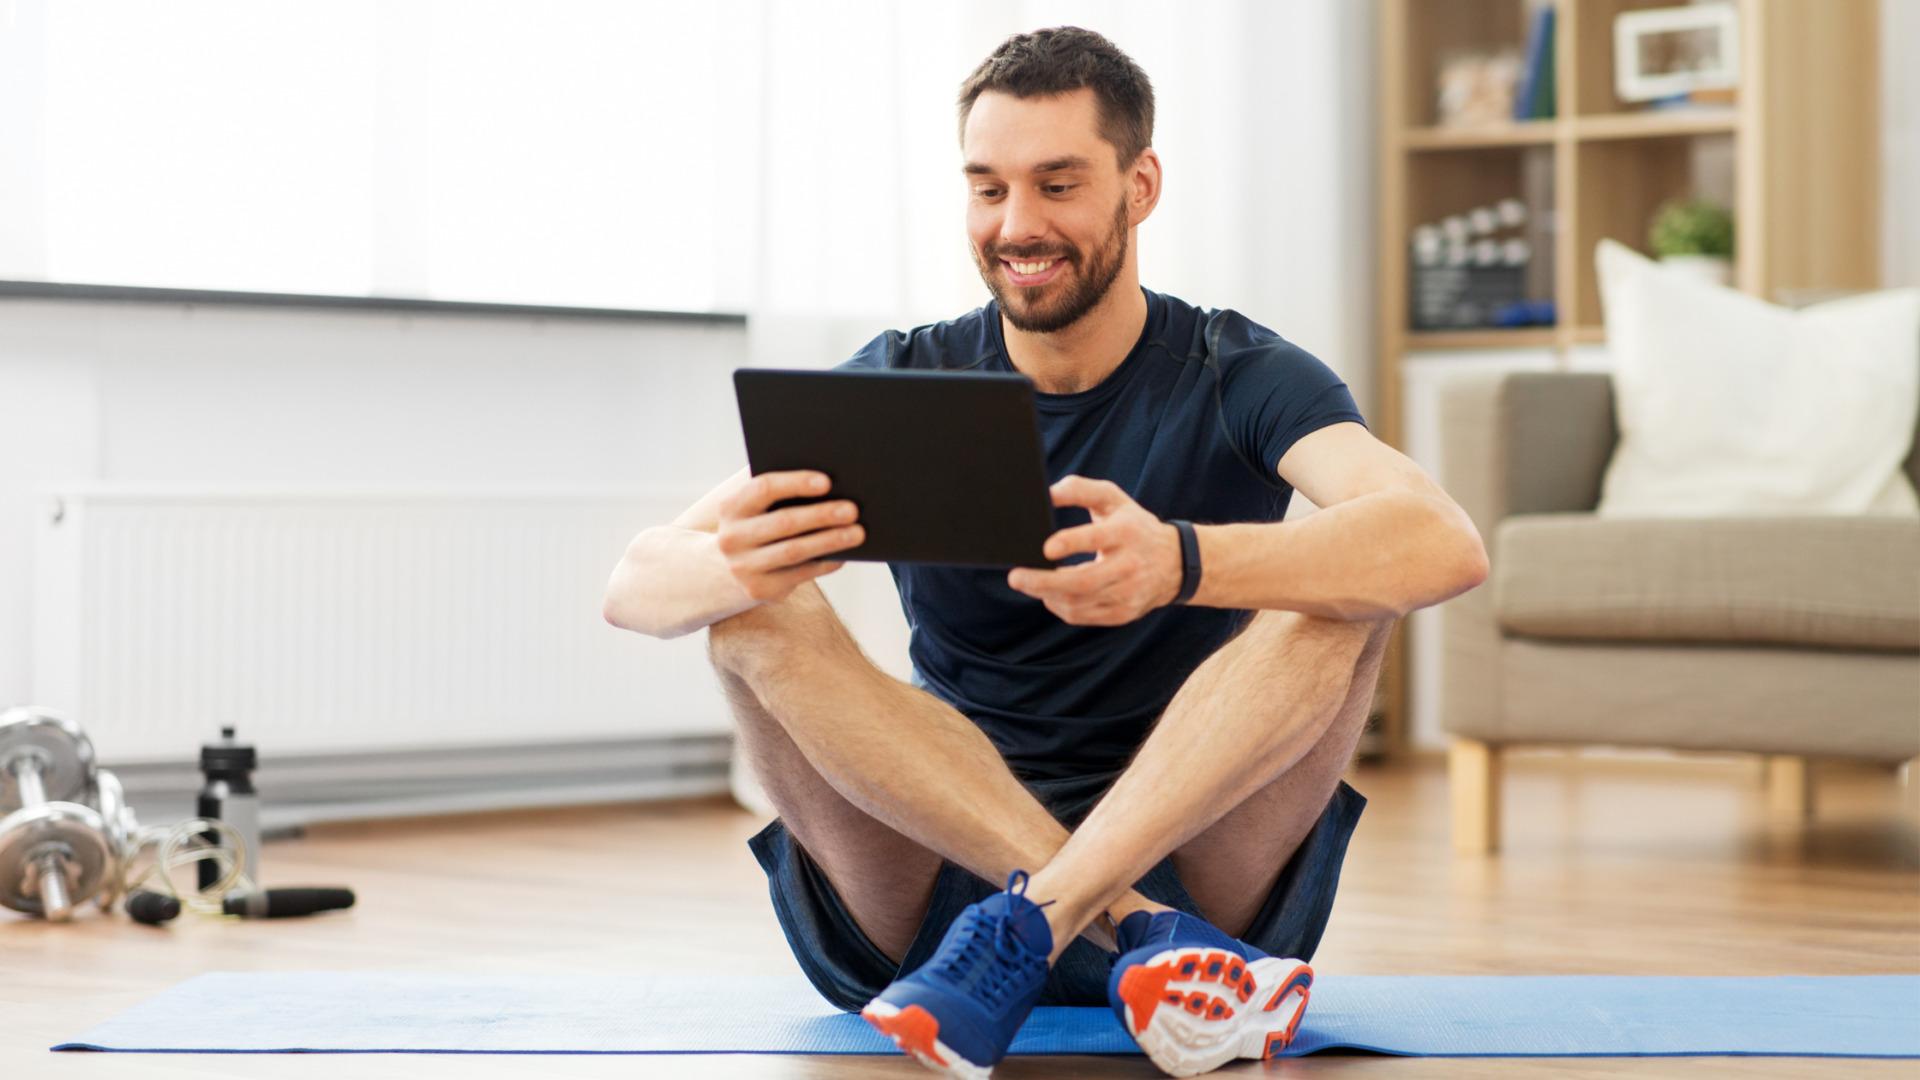 iPadを使ってオンラインフィットネス